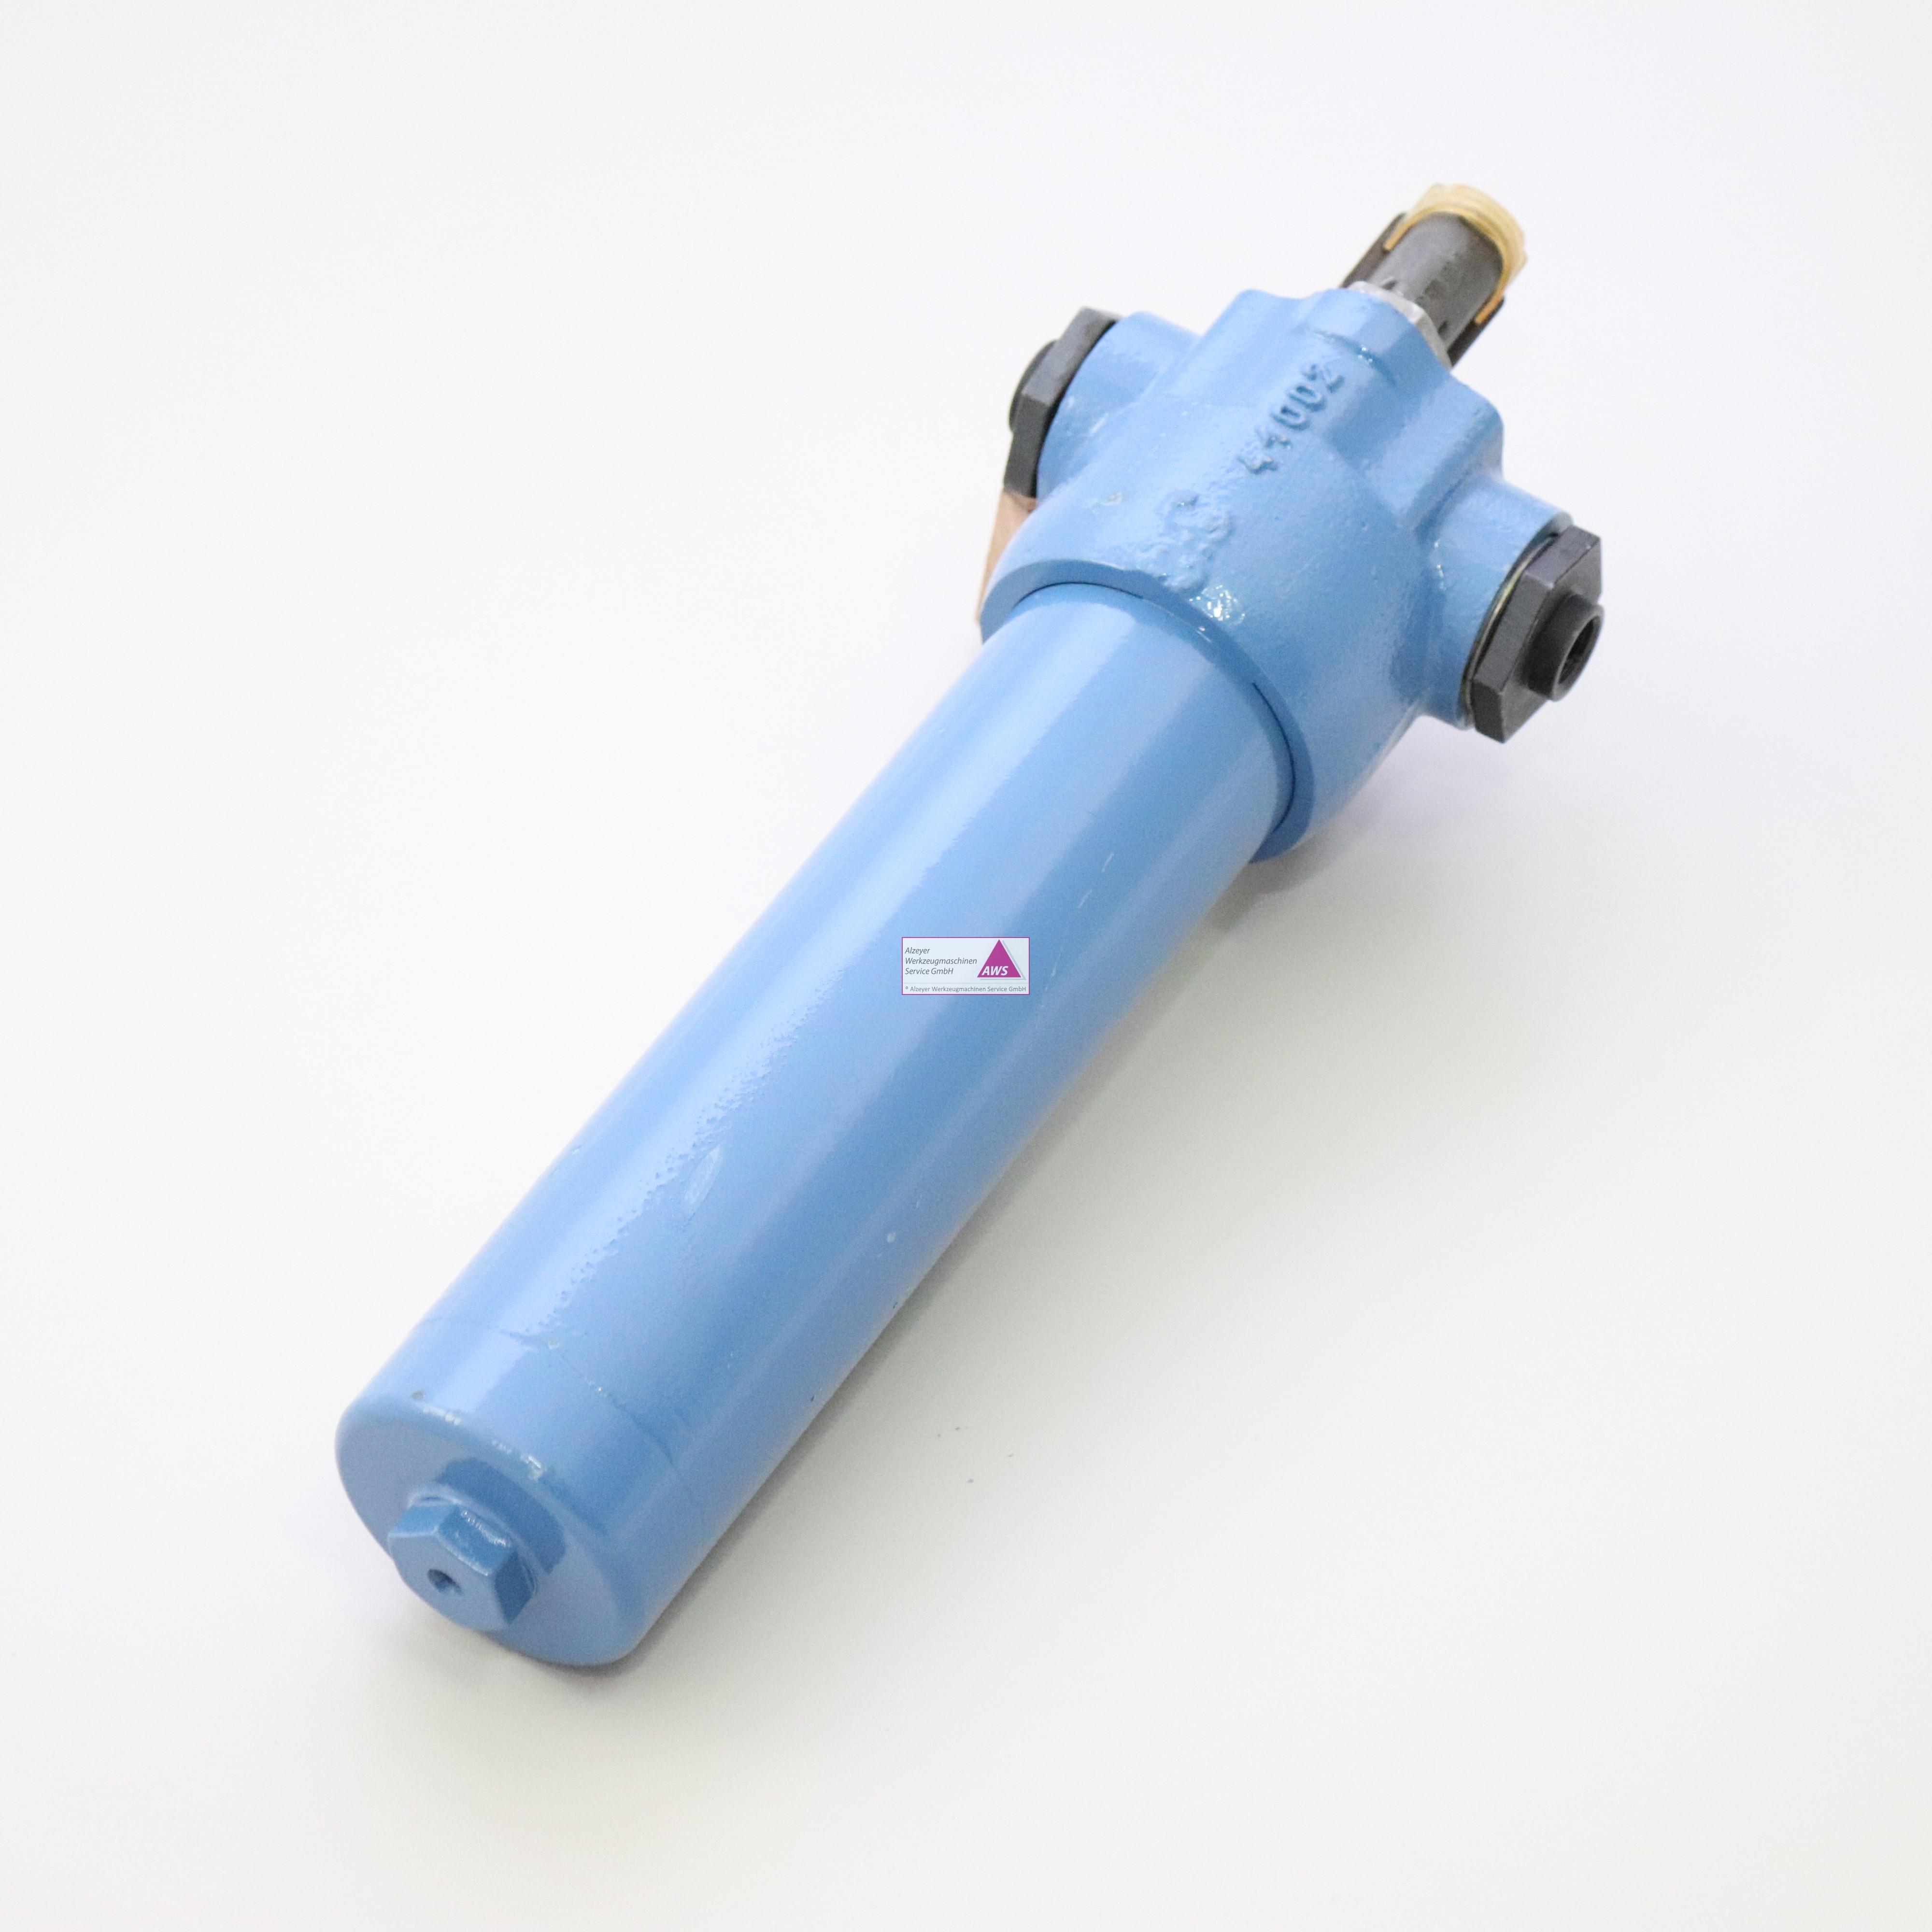 Kühlmittelfilter FU 20 BN 13